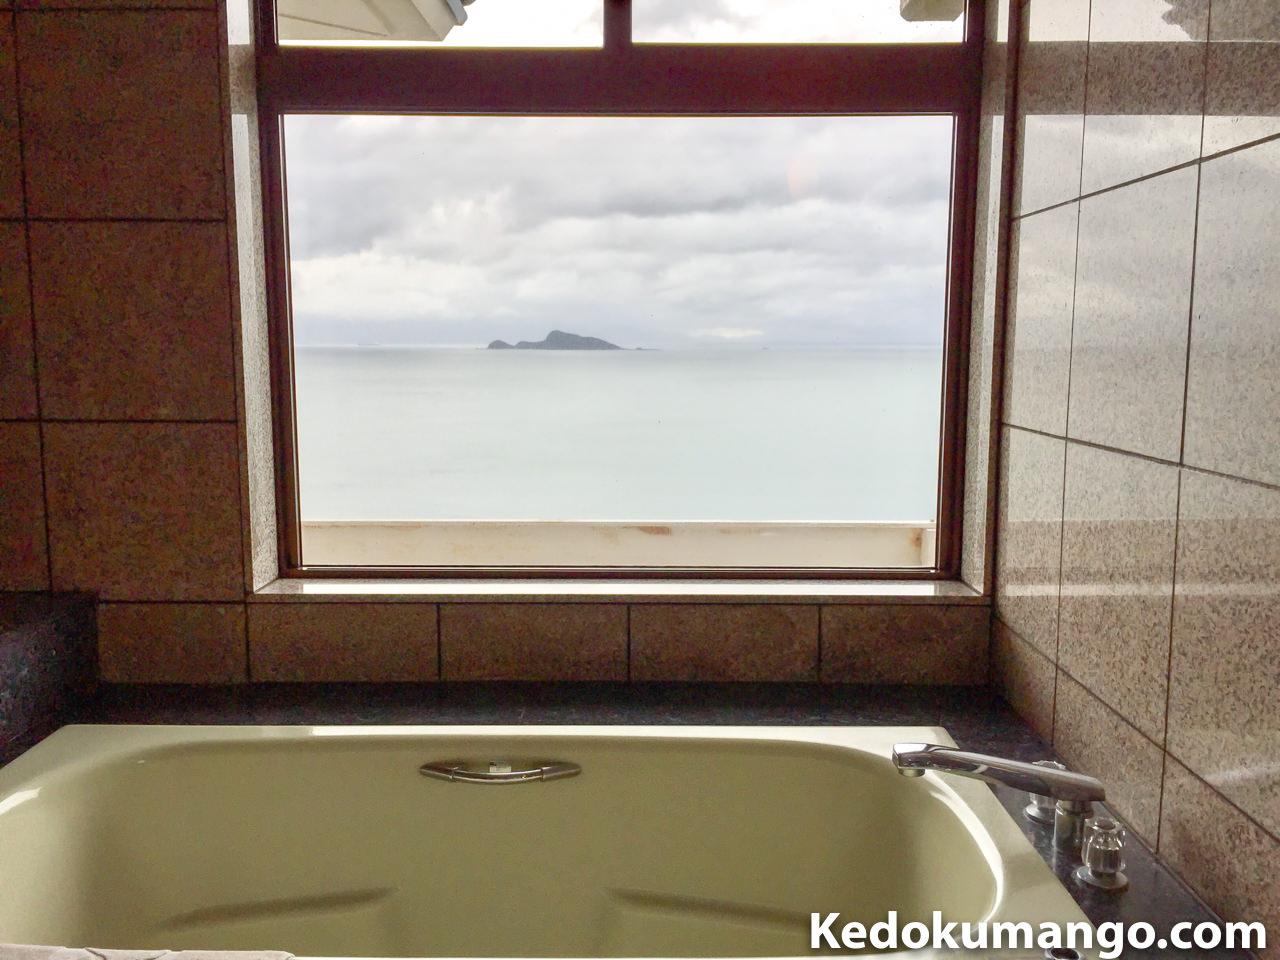 客室の浴槽から眺める海